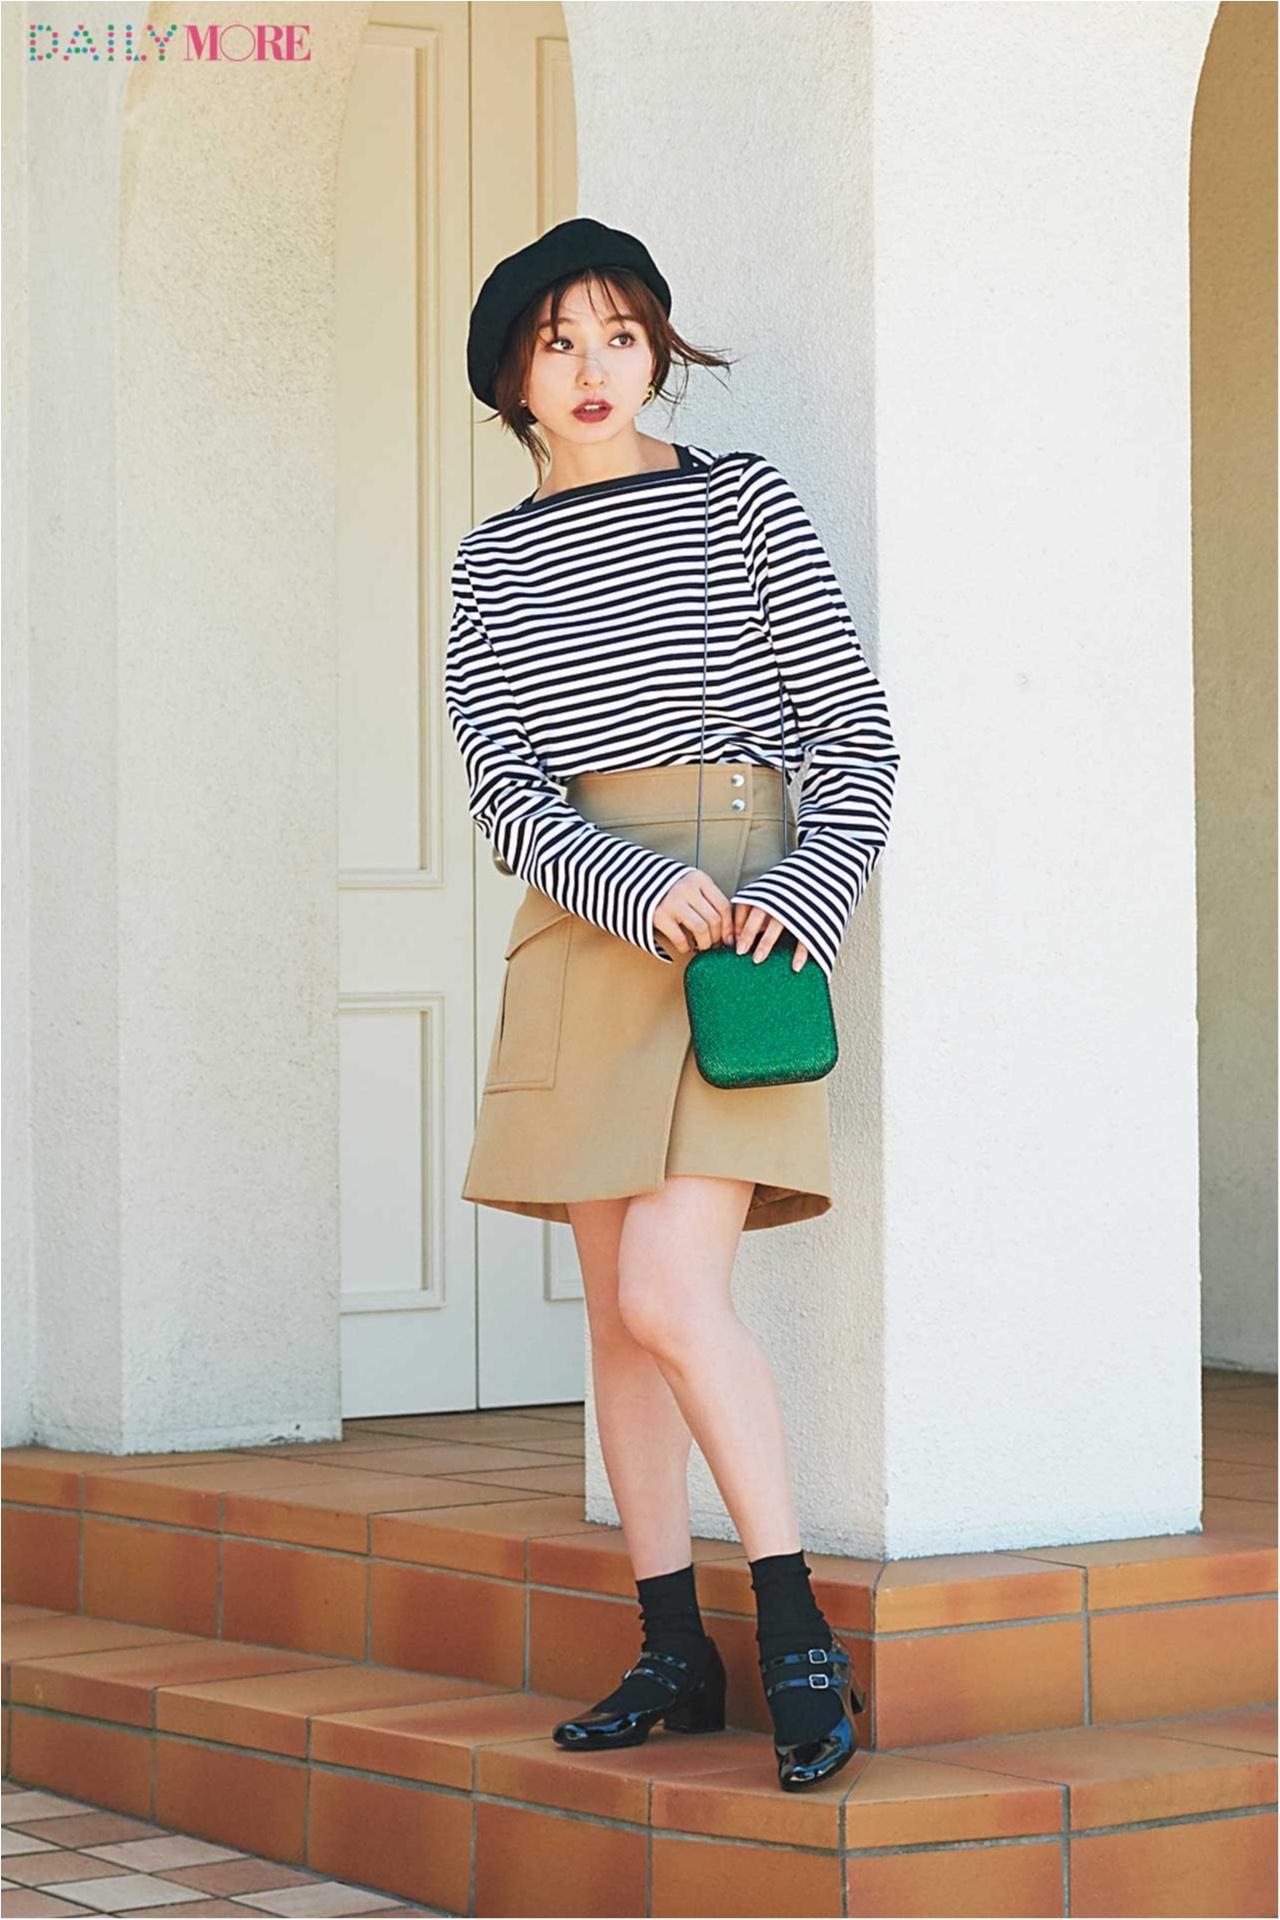 【今日のコーデ/篠田麻里子】フレンチムードの着こなしに、クラシカルなストラップ靴がお似合い♡_1